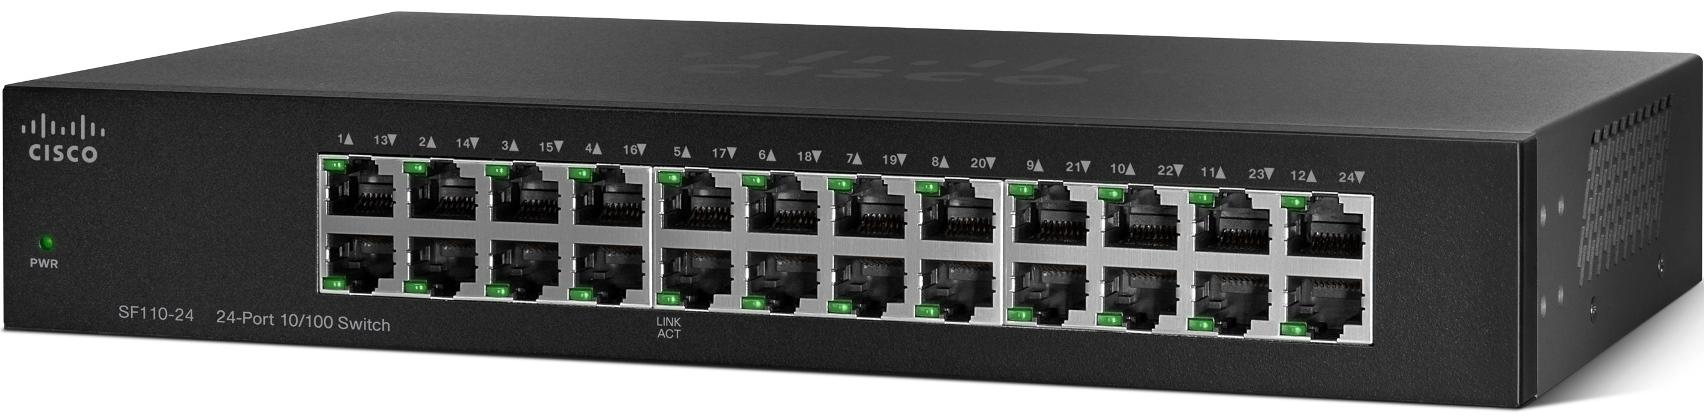 Cisco SF110-24-EU, 24x10/100 Desktop Switch